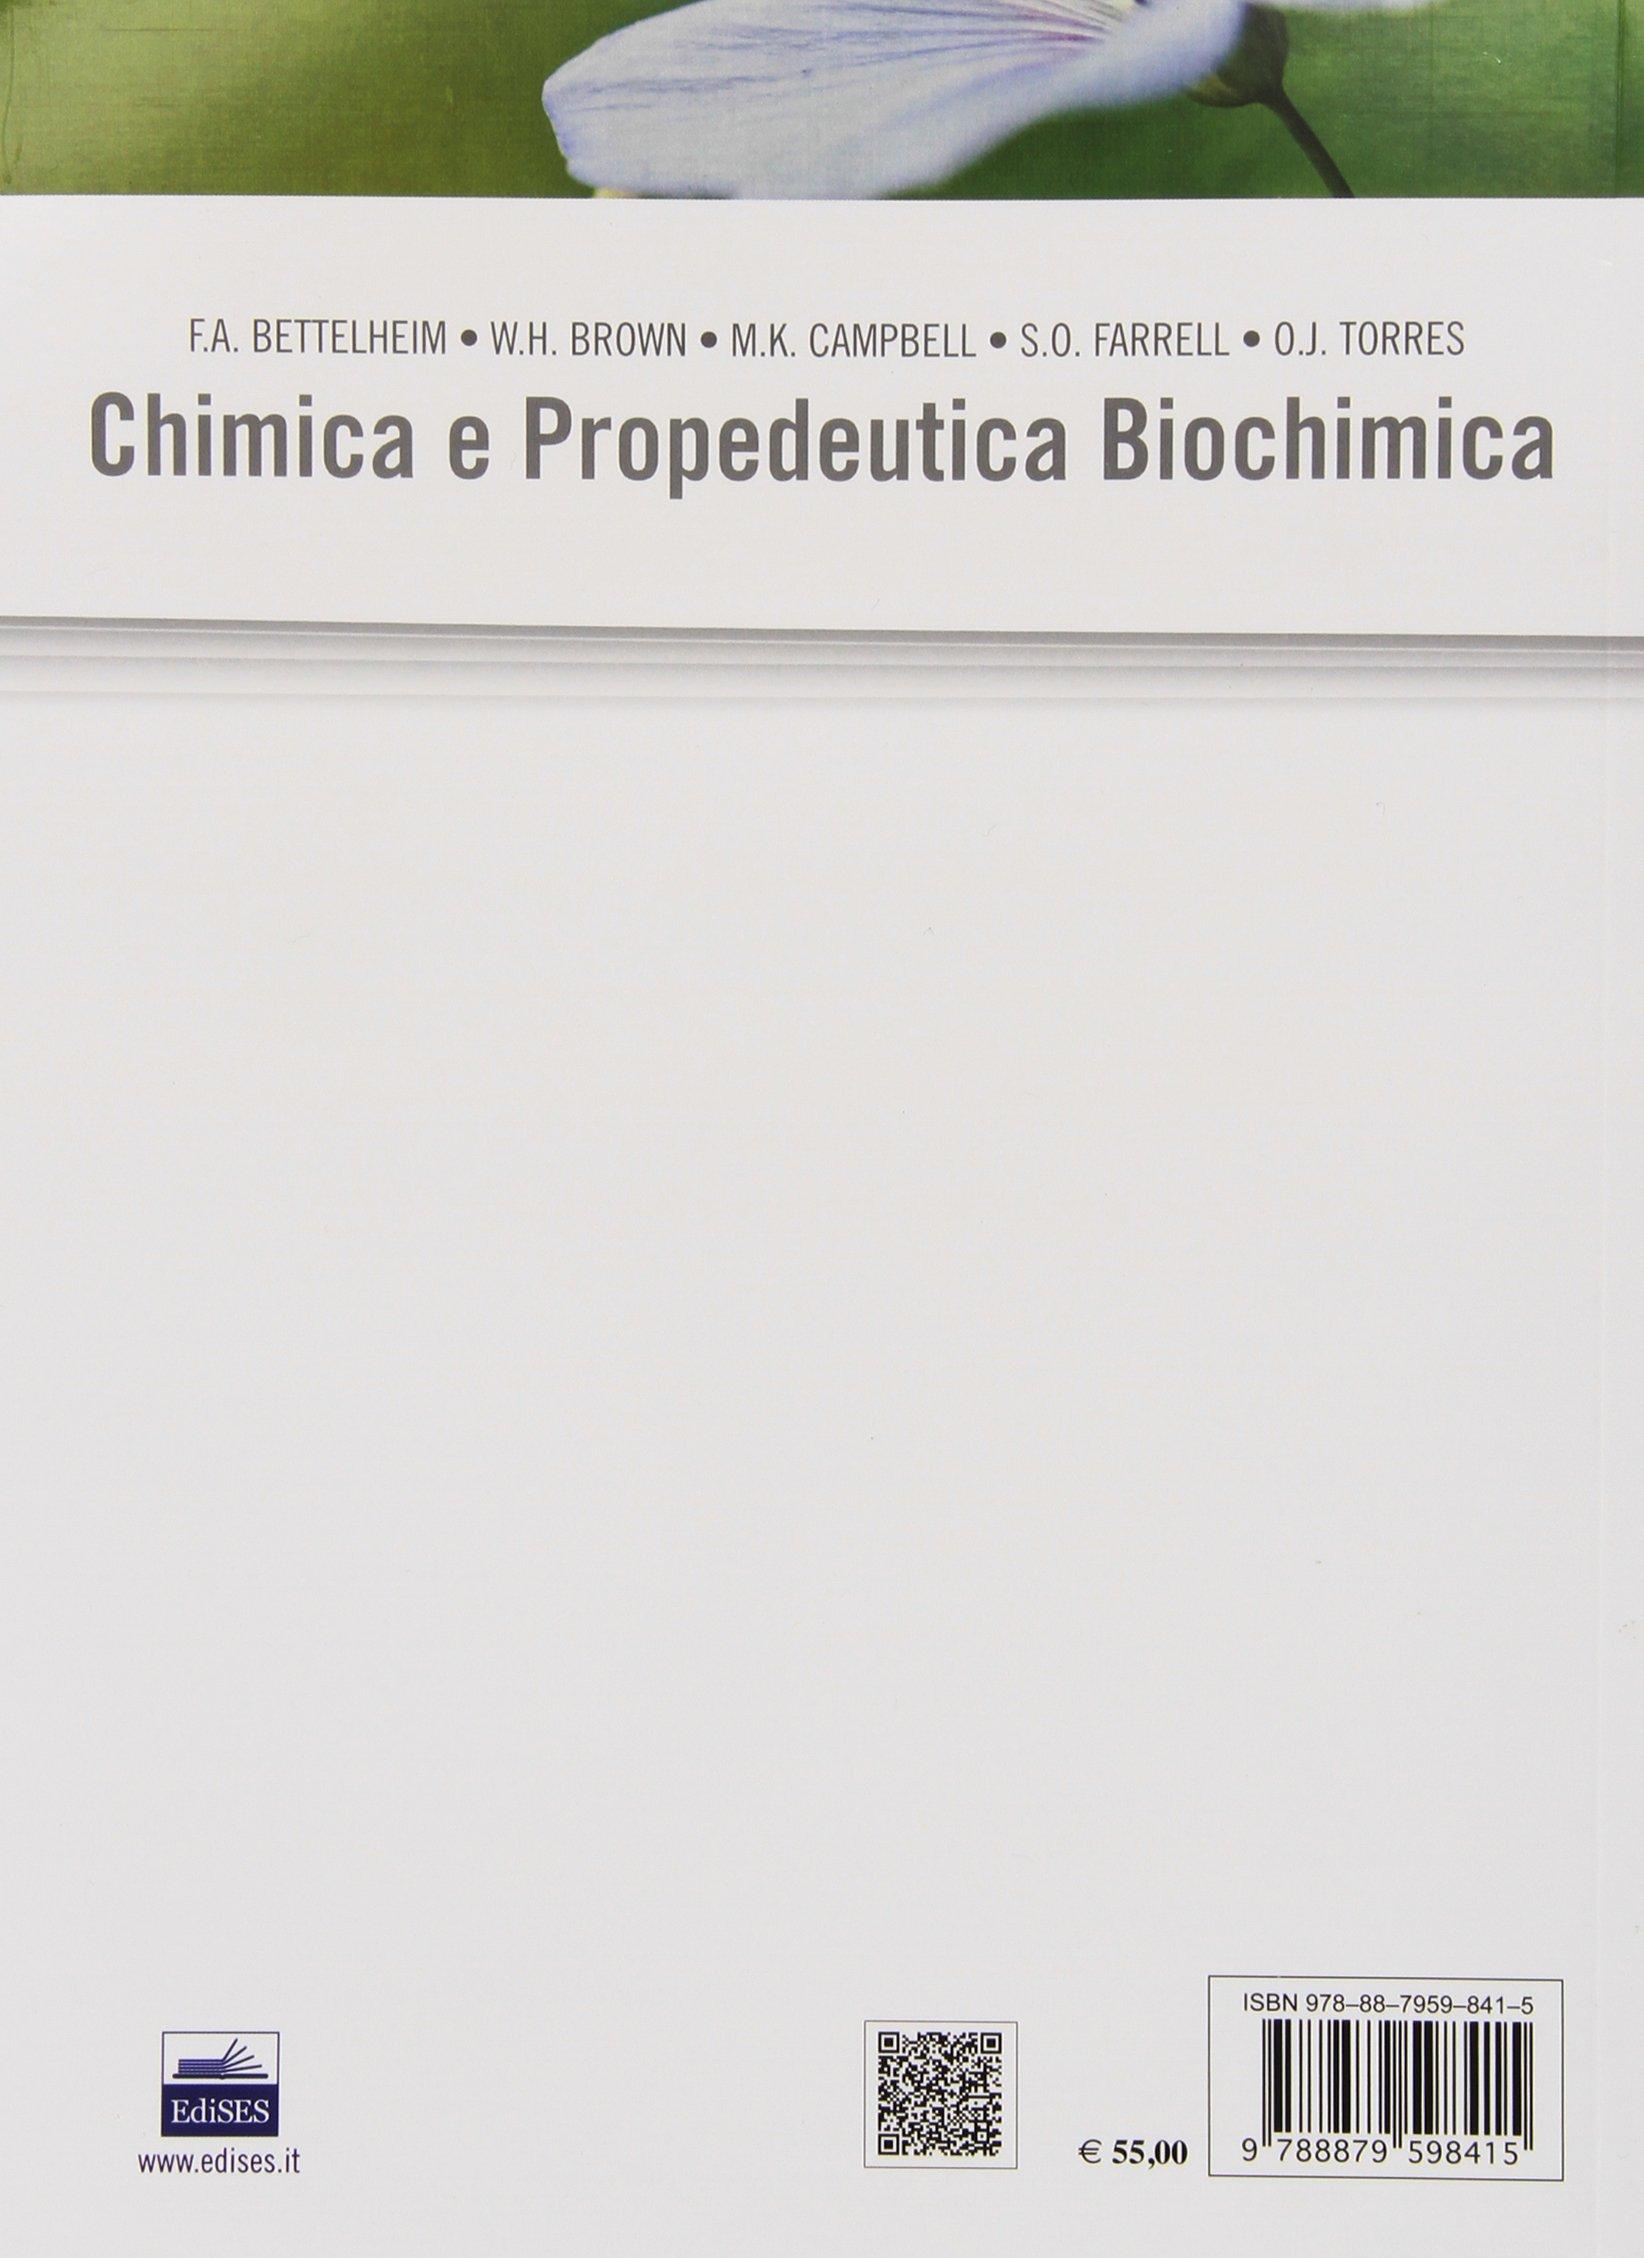 Chimica E Propedeutica Biochimica Bettelheim Pdf